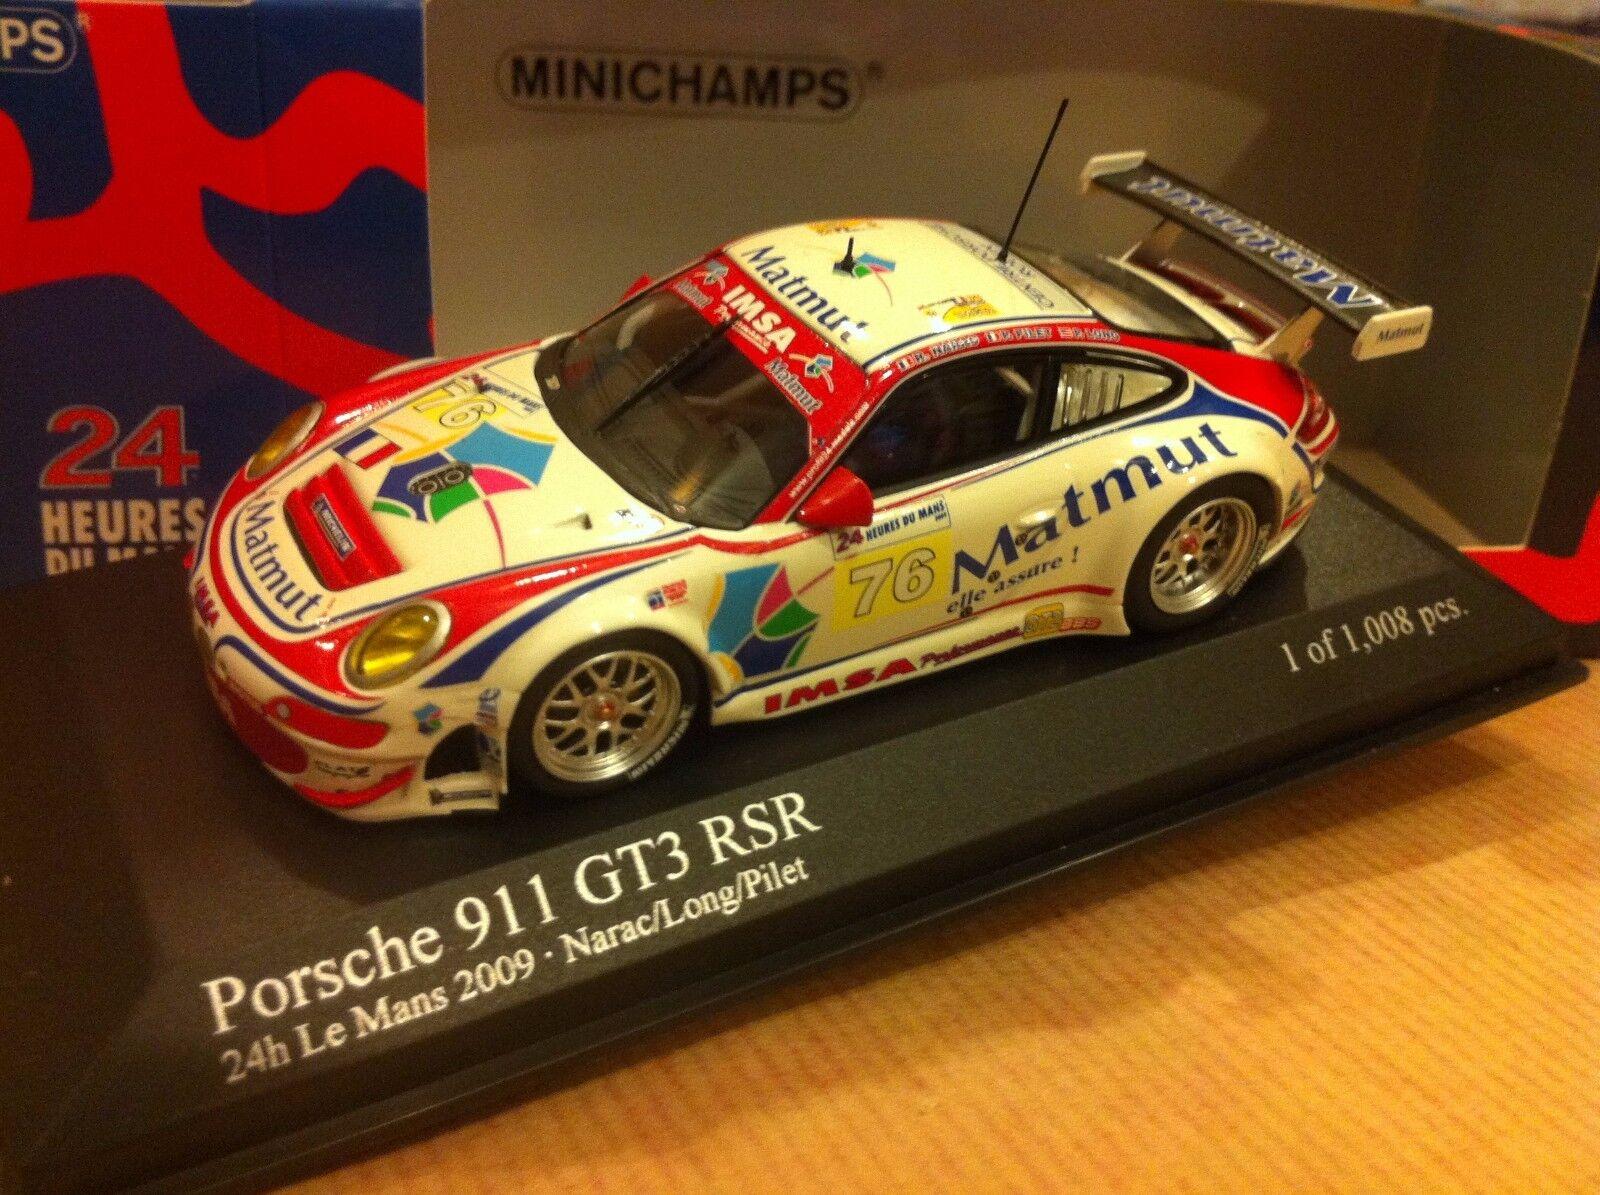 PORSCHE 911 GT3 RSR   LE MANS 2009 N°76 MATMUT NARAC   MINICHAMPS PROMO